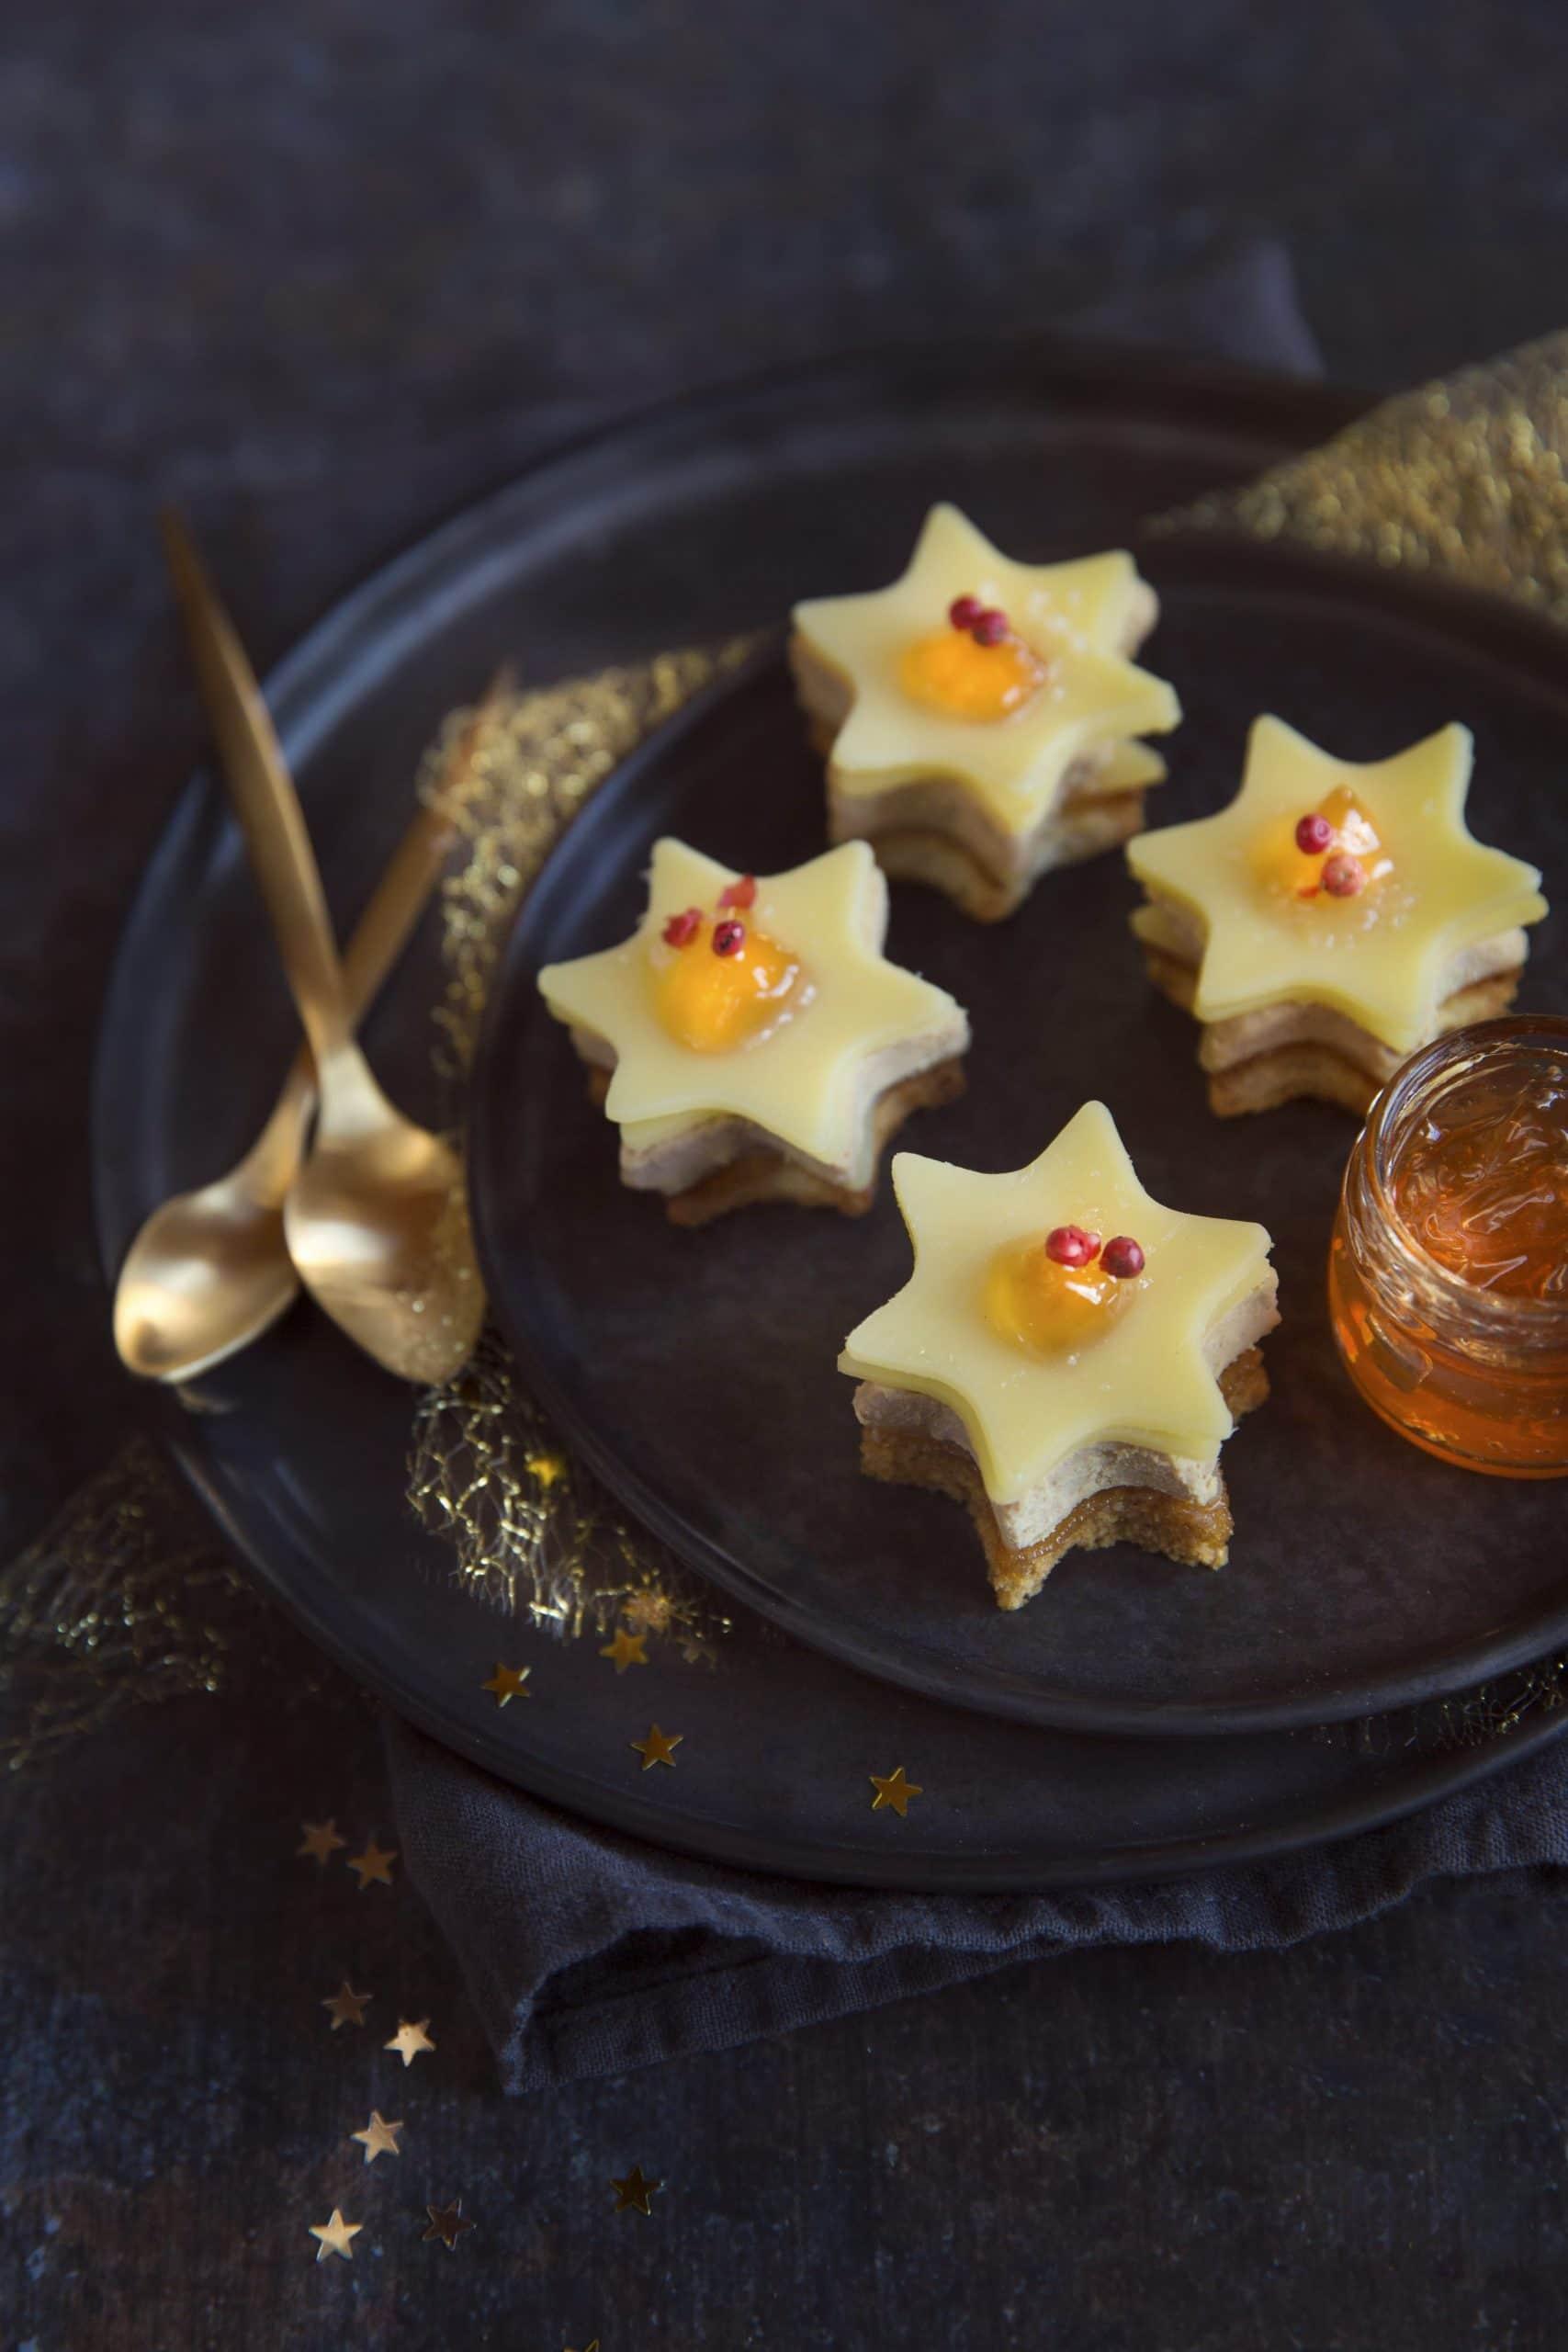 Foie gras and Entremont Saint Mont des Alpes cheese stars